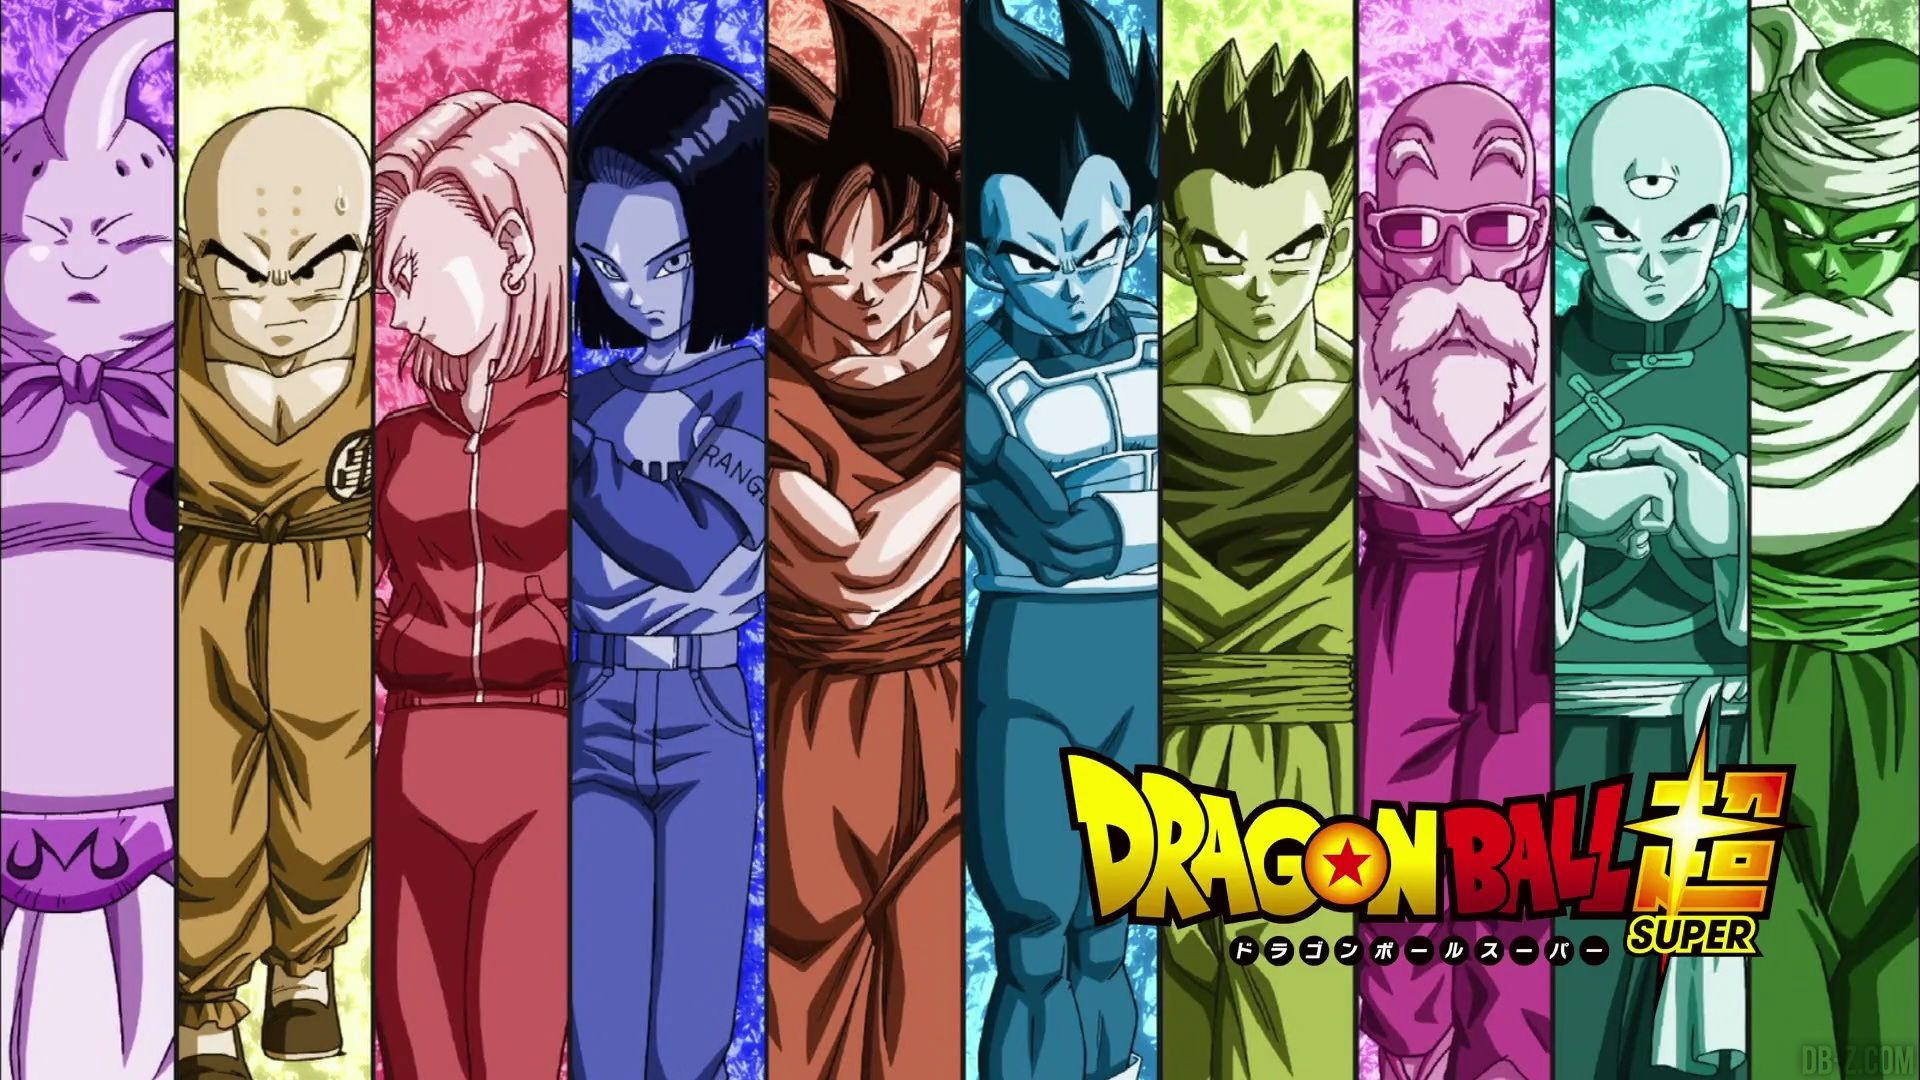 Image Result For Steam Workshop Dragon Ball Super Wallpaper Goku Super